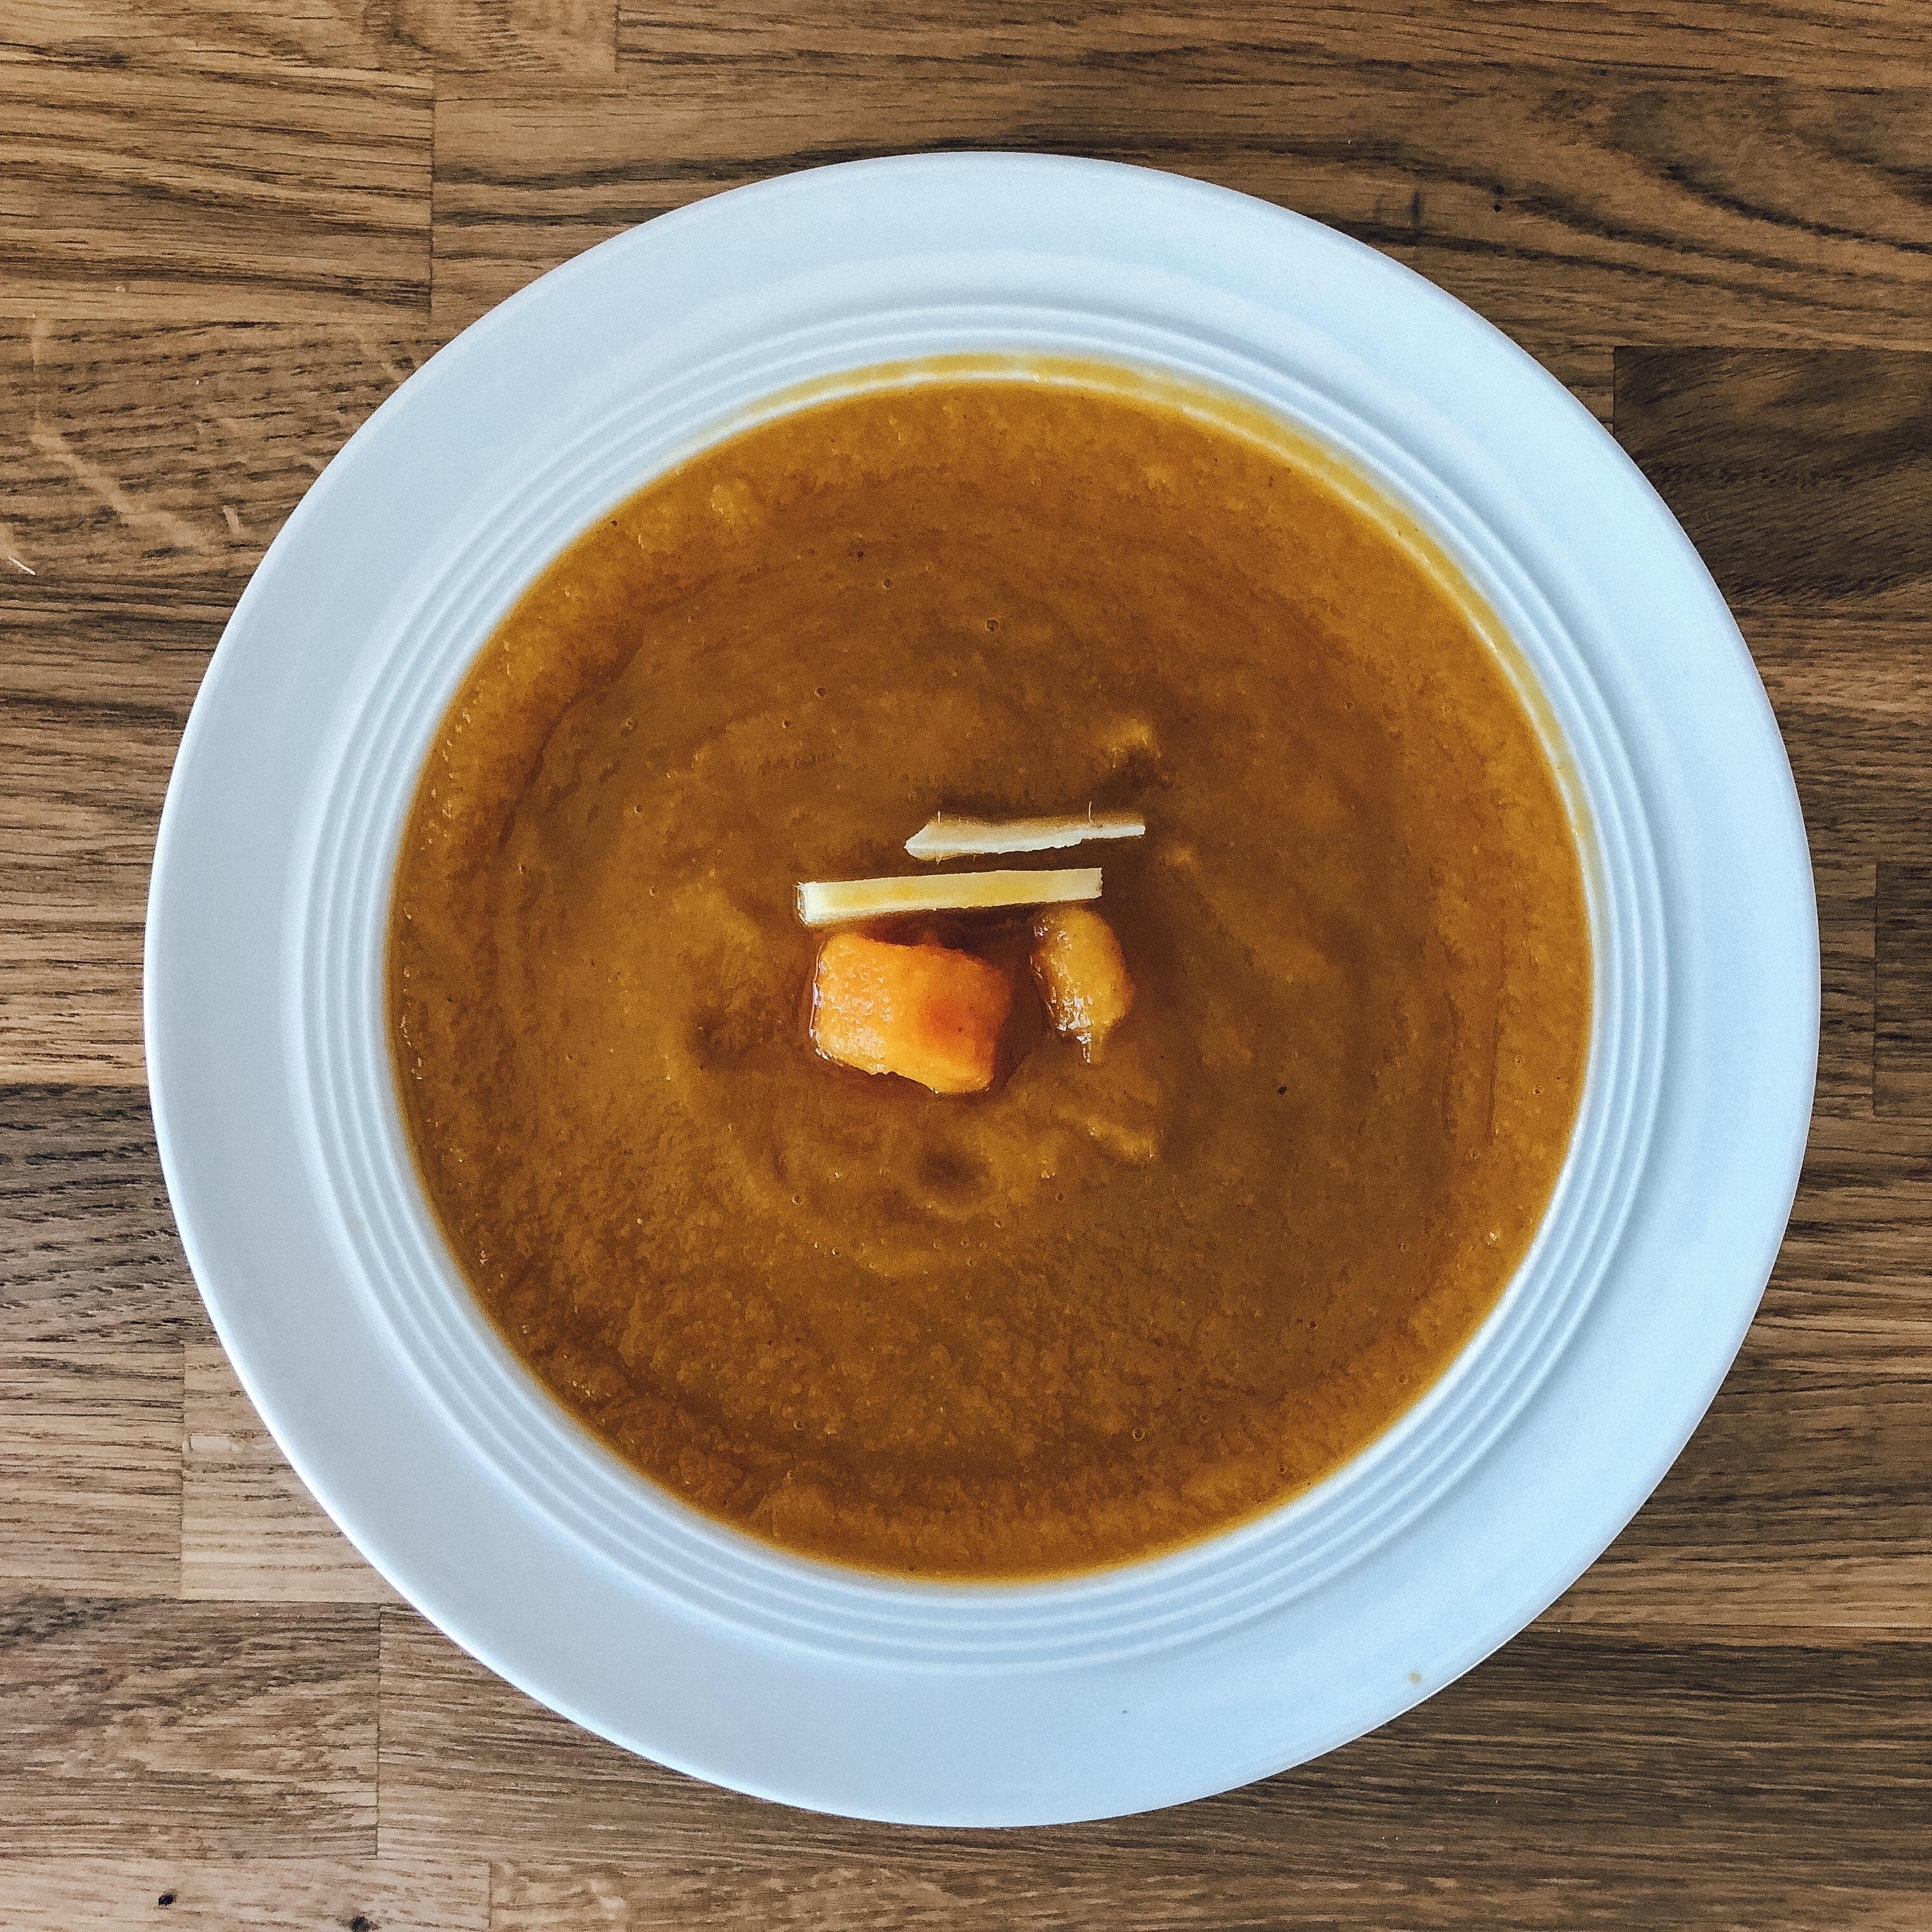 herbstliches-immunbooster-sueppchen-vegan-glutenfrei